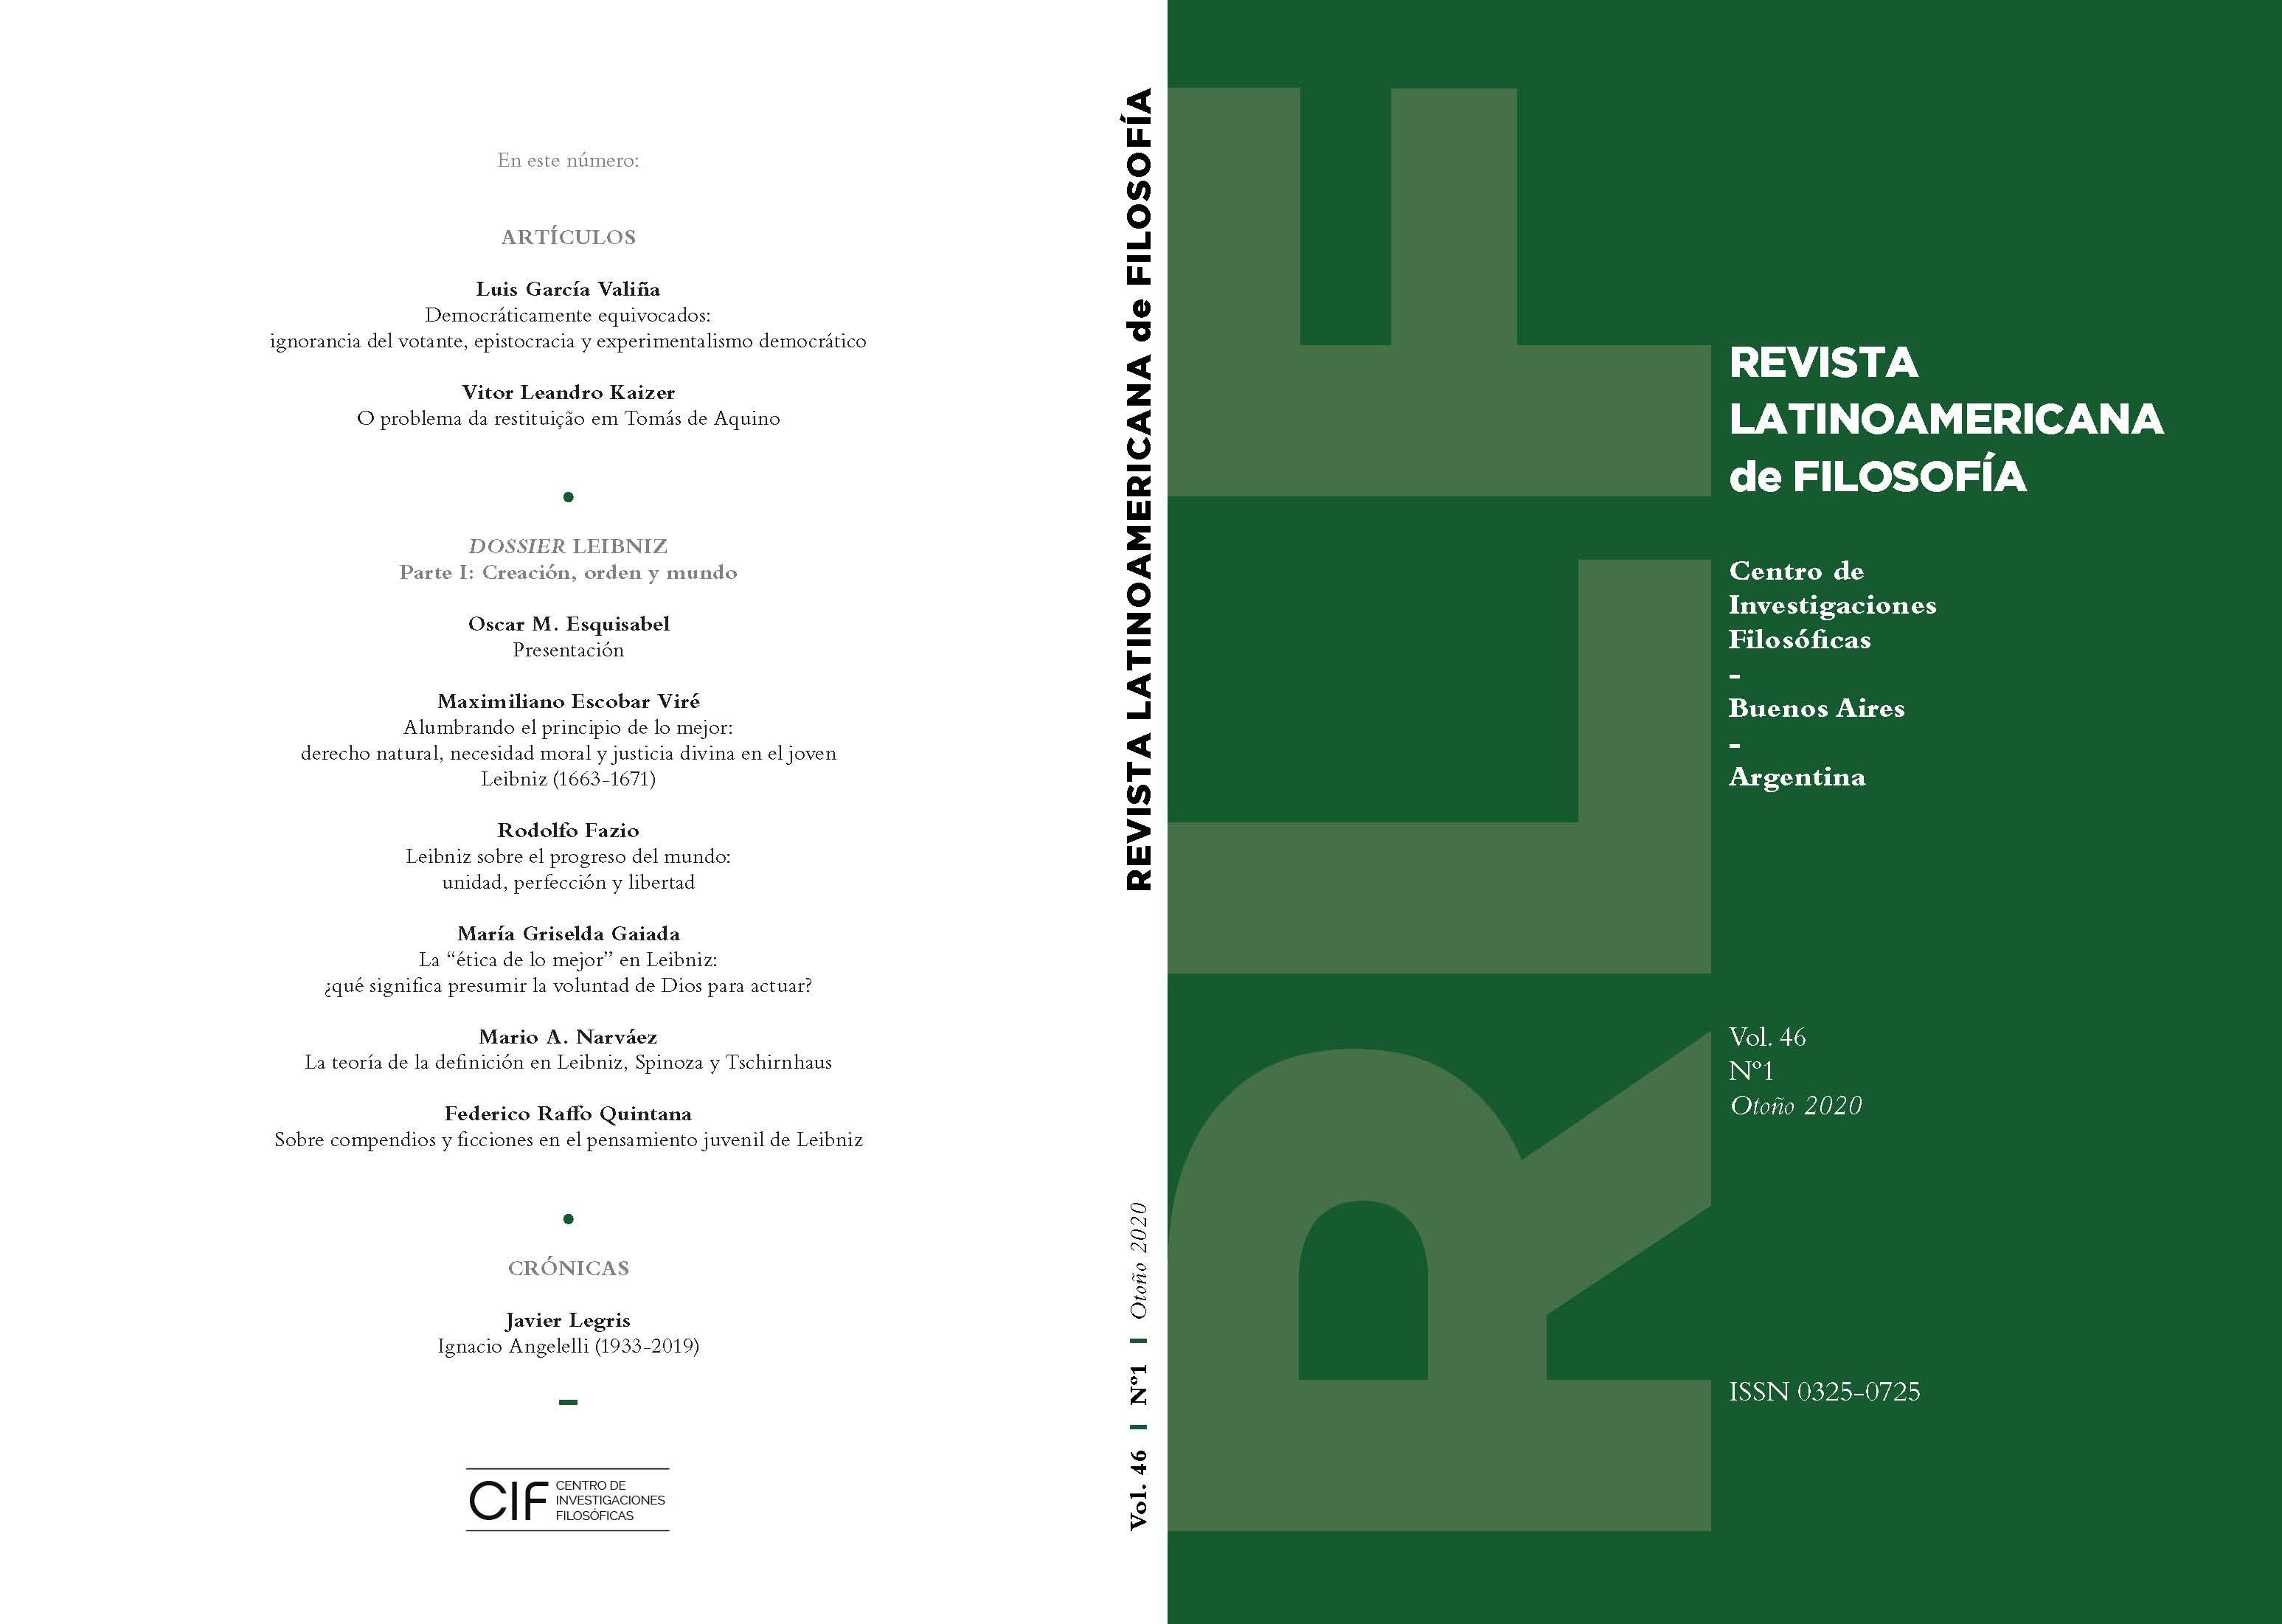 Ver Vol. 46 Núm. 1 (2020)